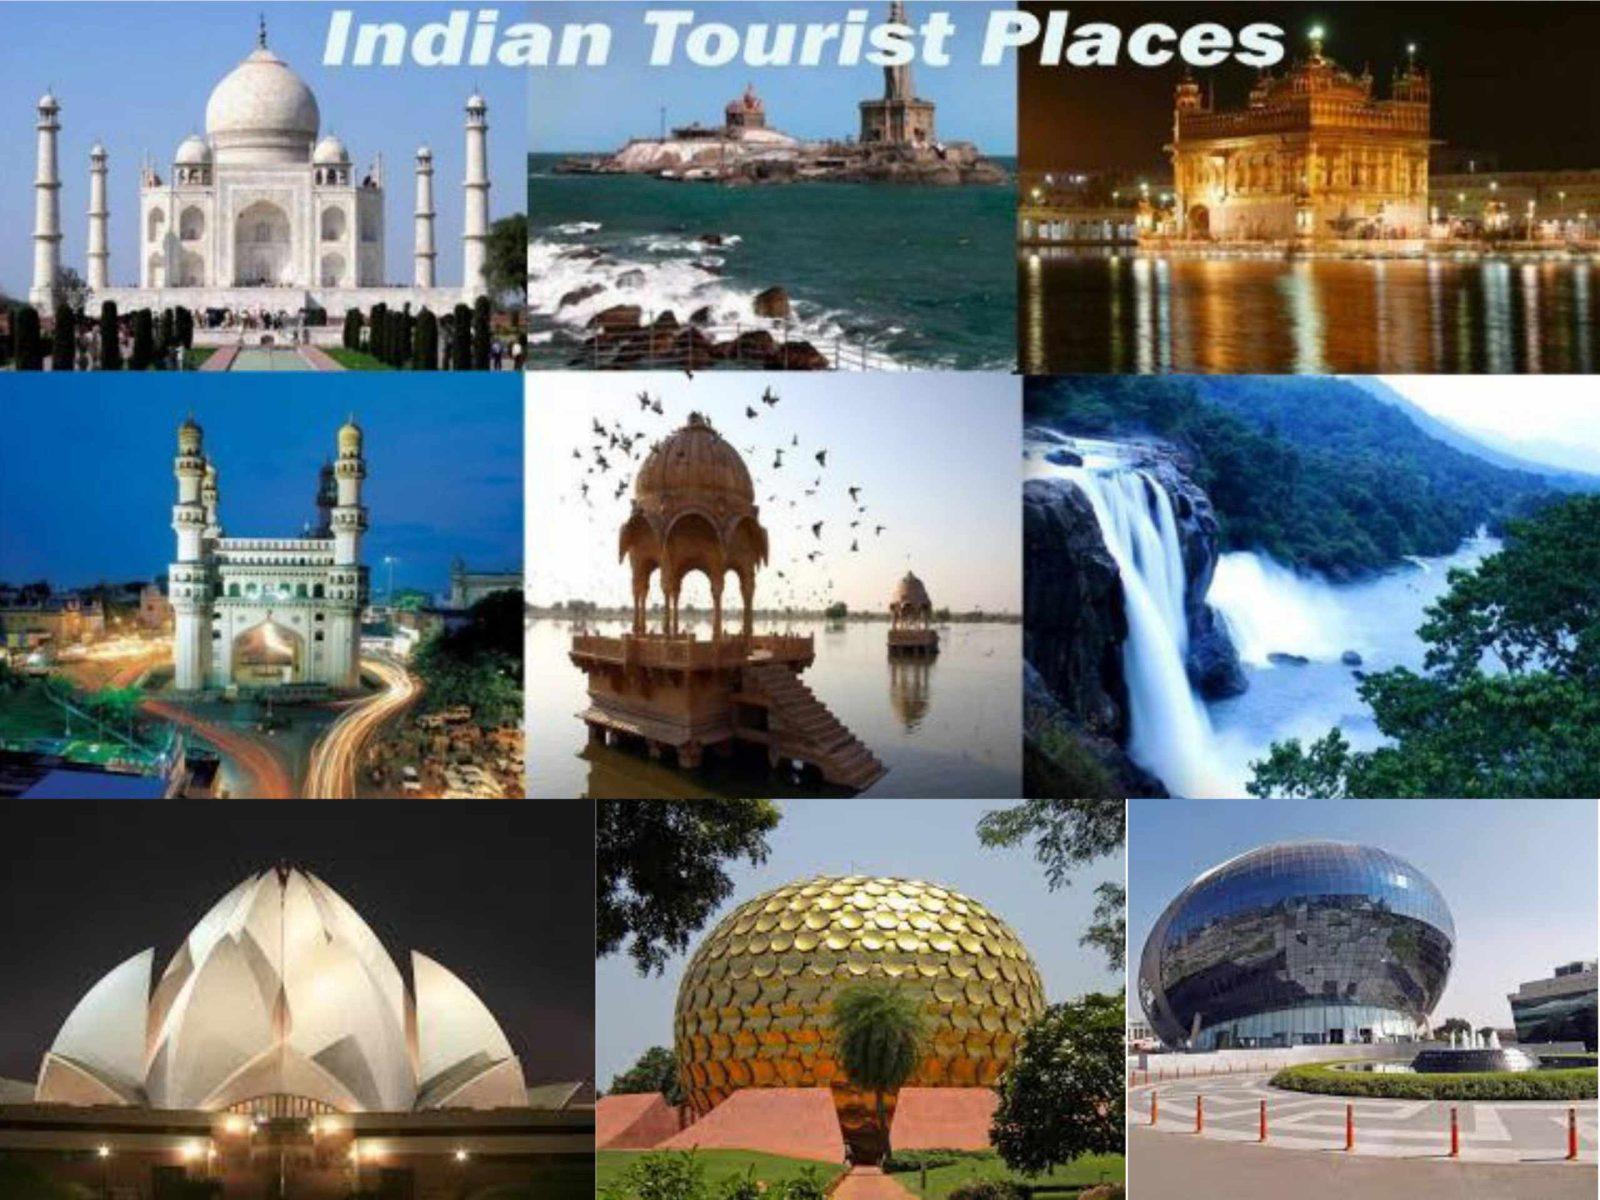 best Indian tourist places